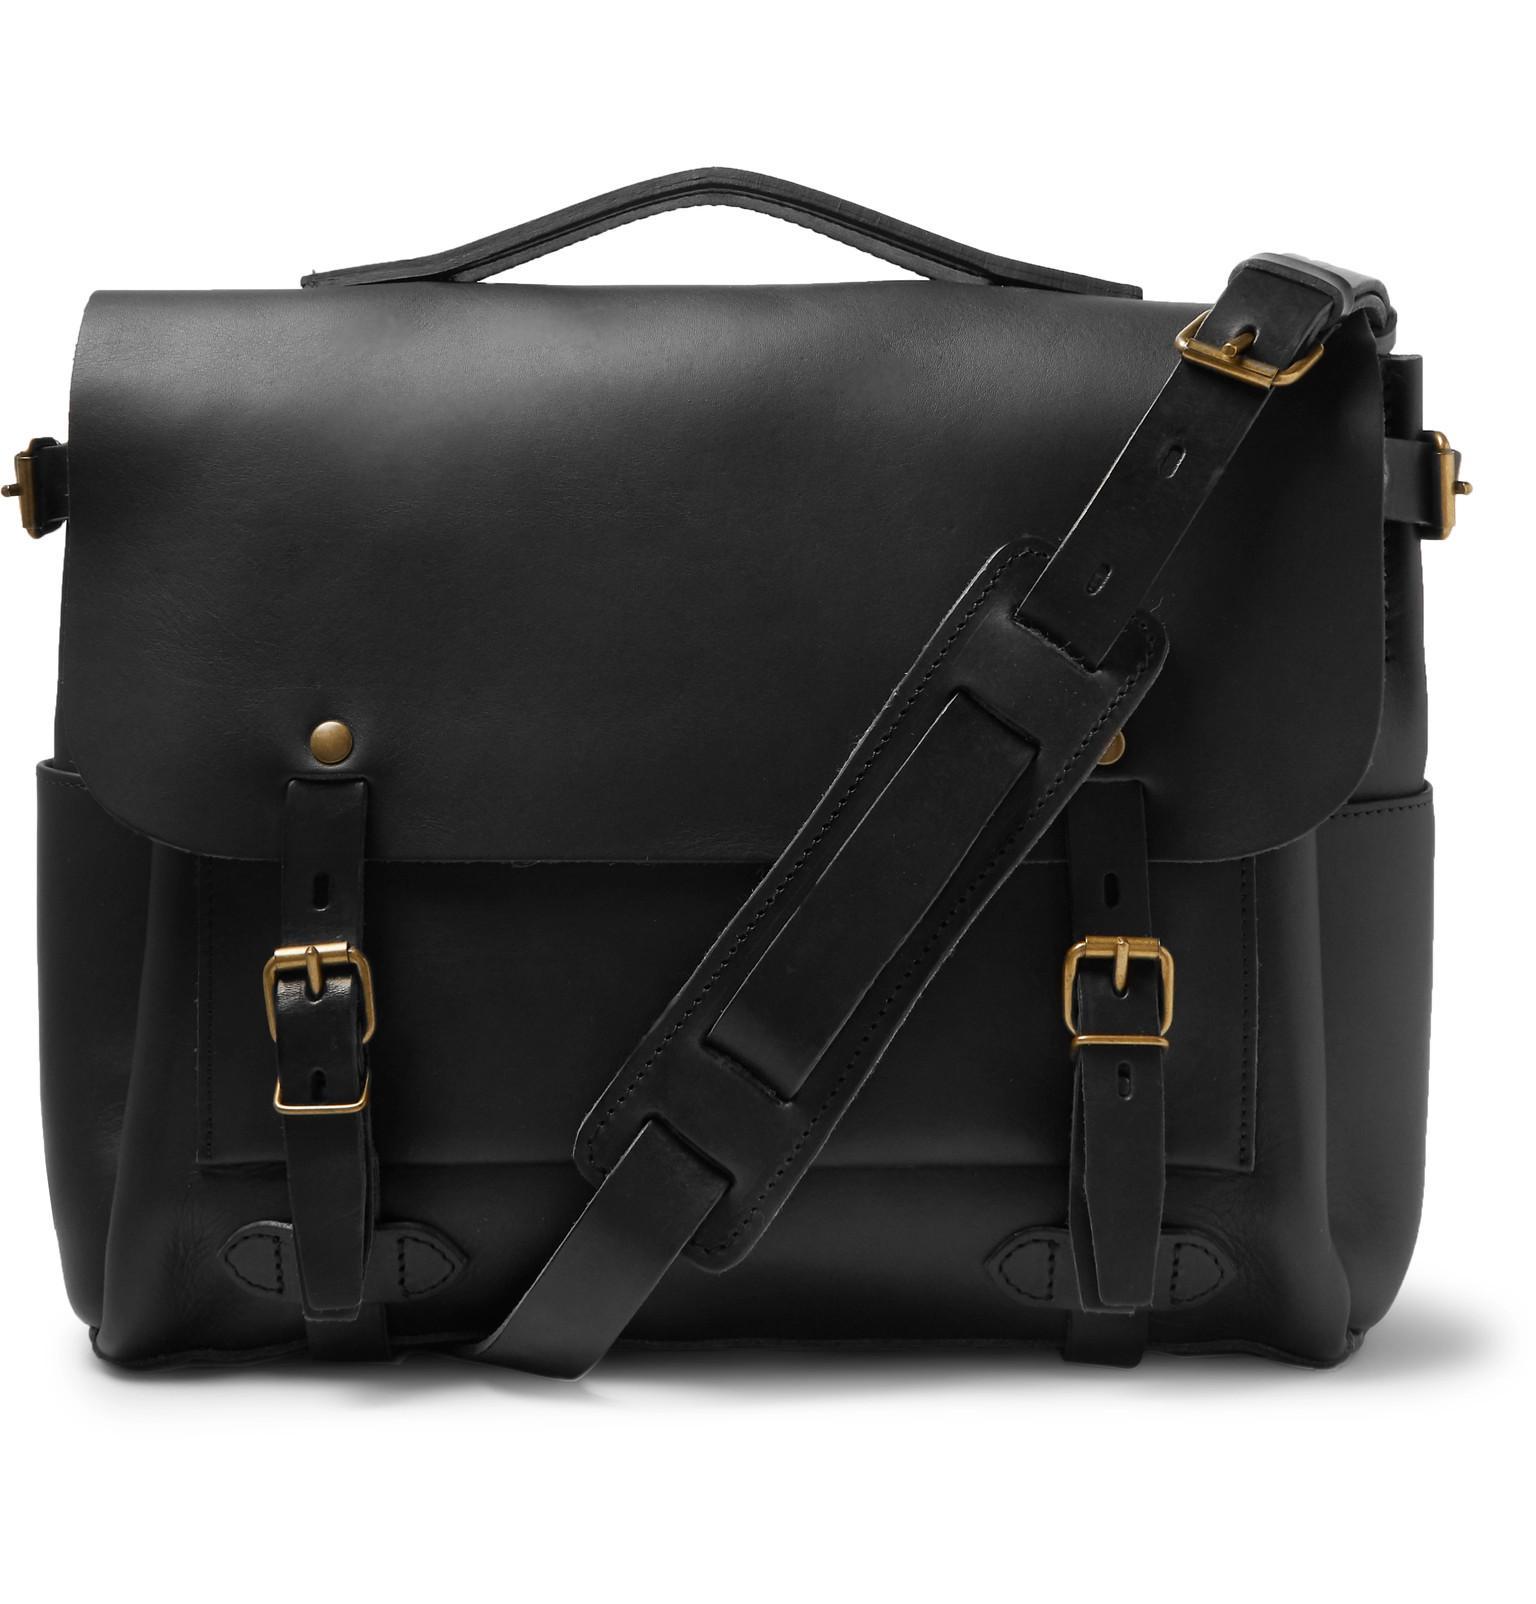 Lyst - Bleu De Chauffe Éclair Leather Messenger Bag in Black for Men c3f1c6074e03f